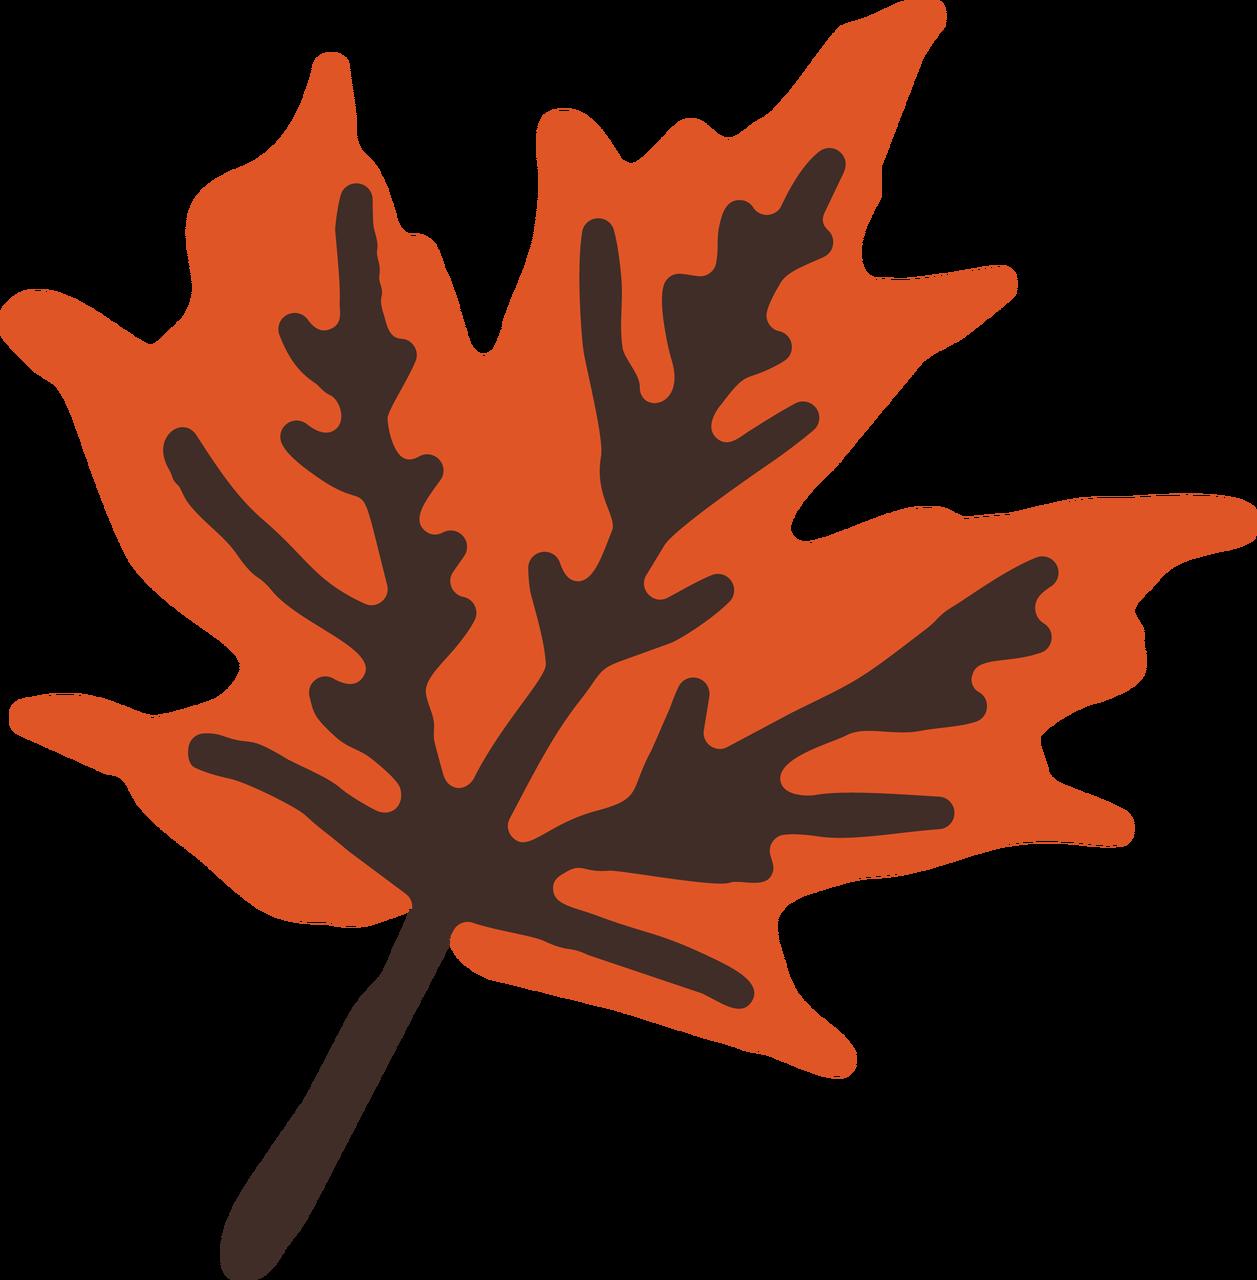 Fall Break Leaf #2 SVG Cut File